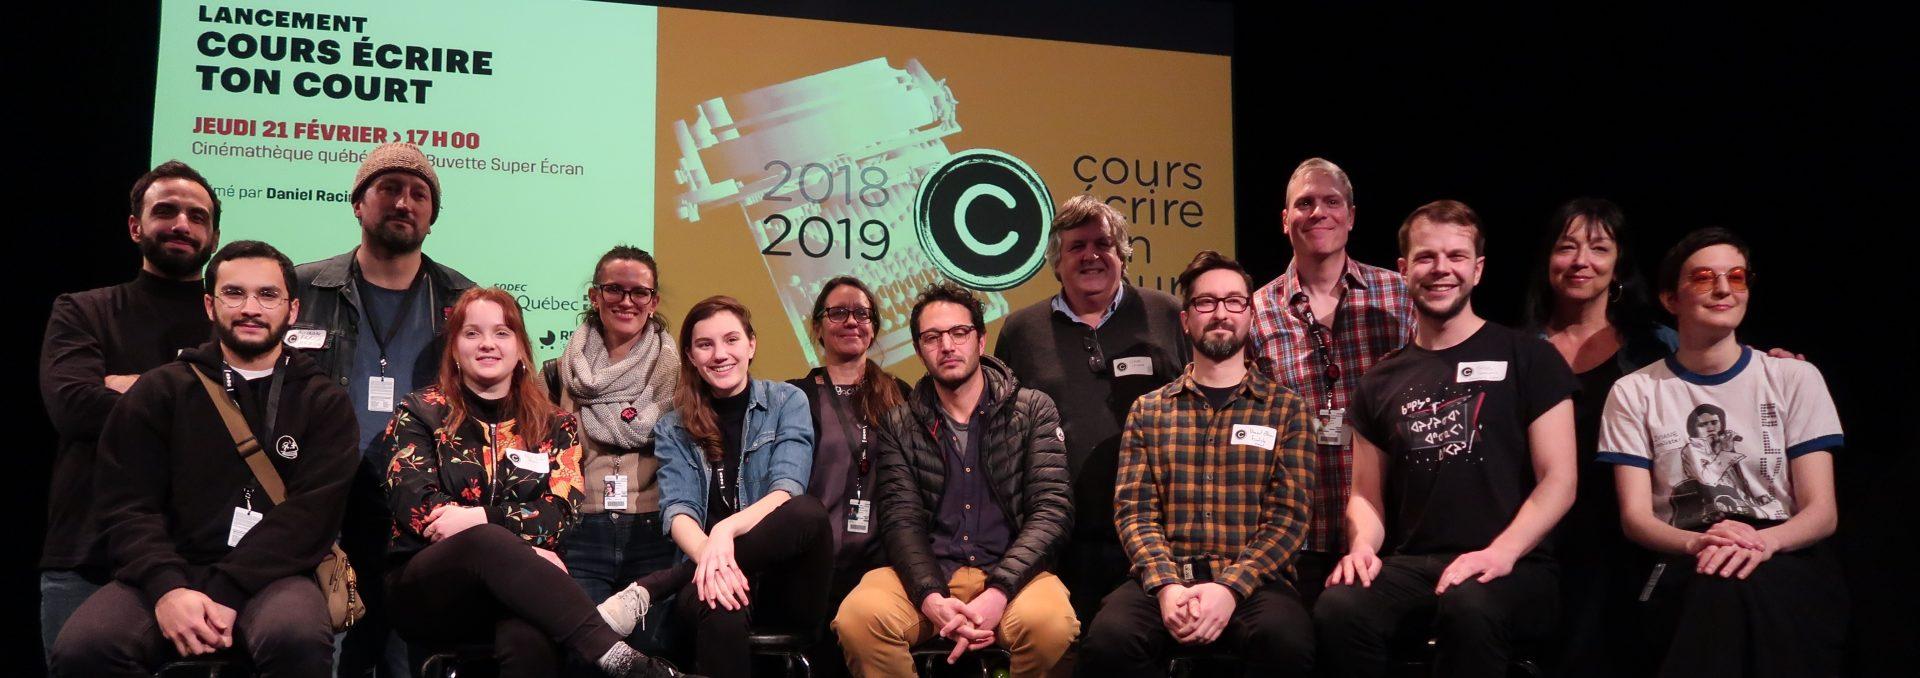 Finalistes de cours écrirce ton court 2018-2019